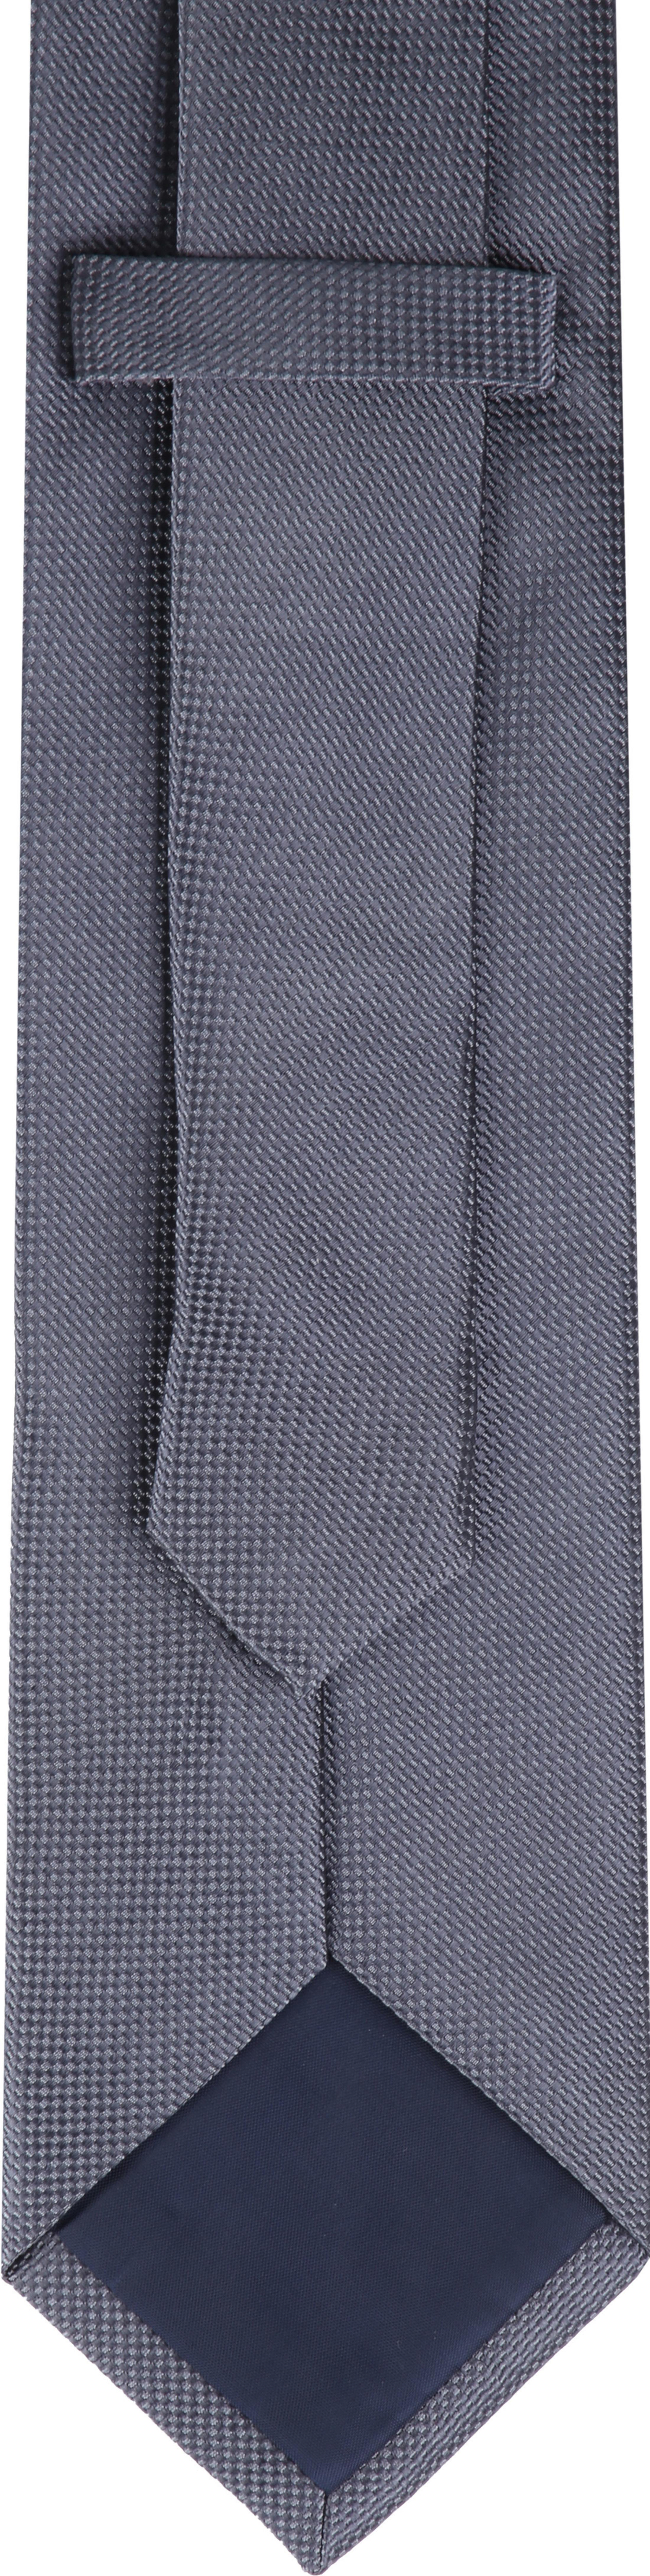 Krawatte Seide Dessin Grau foto 2